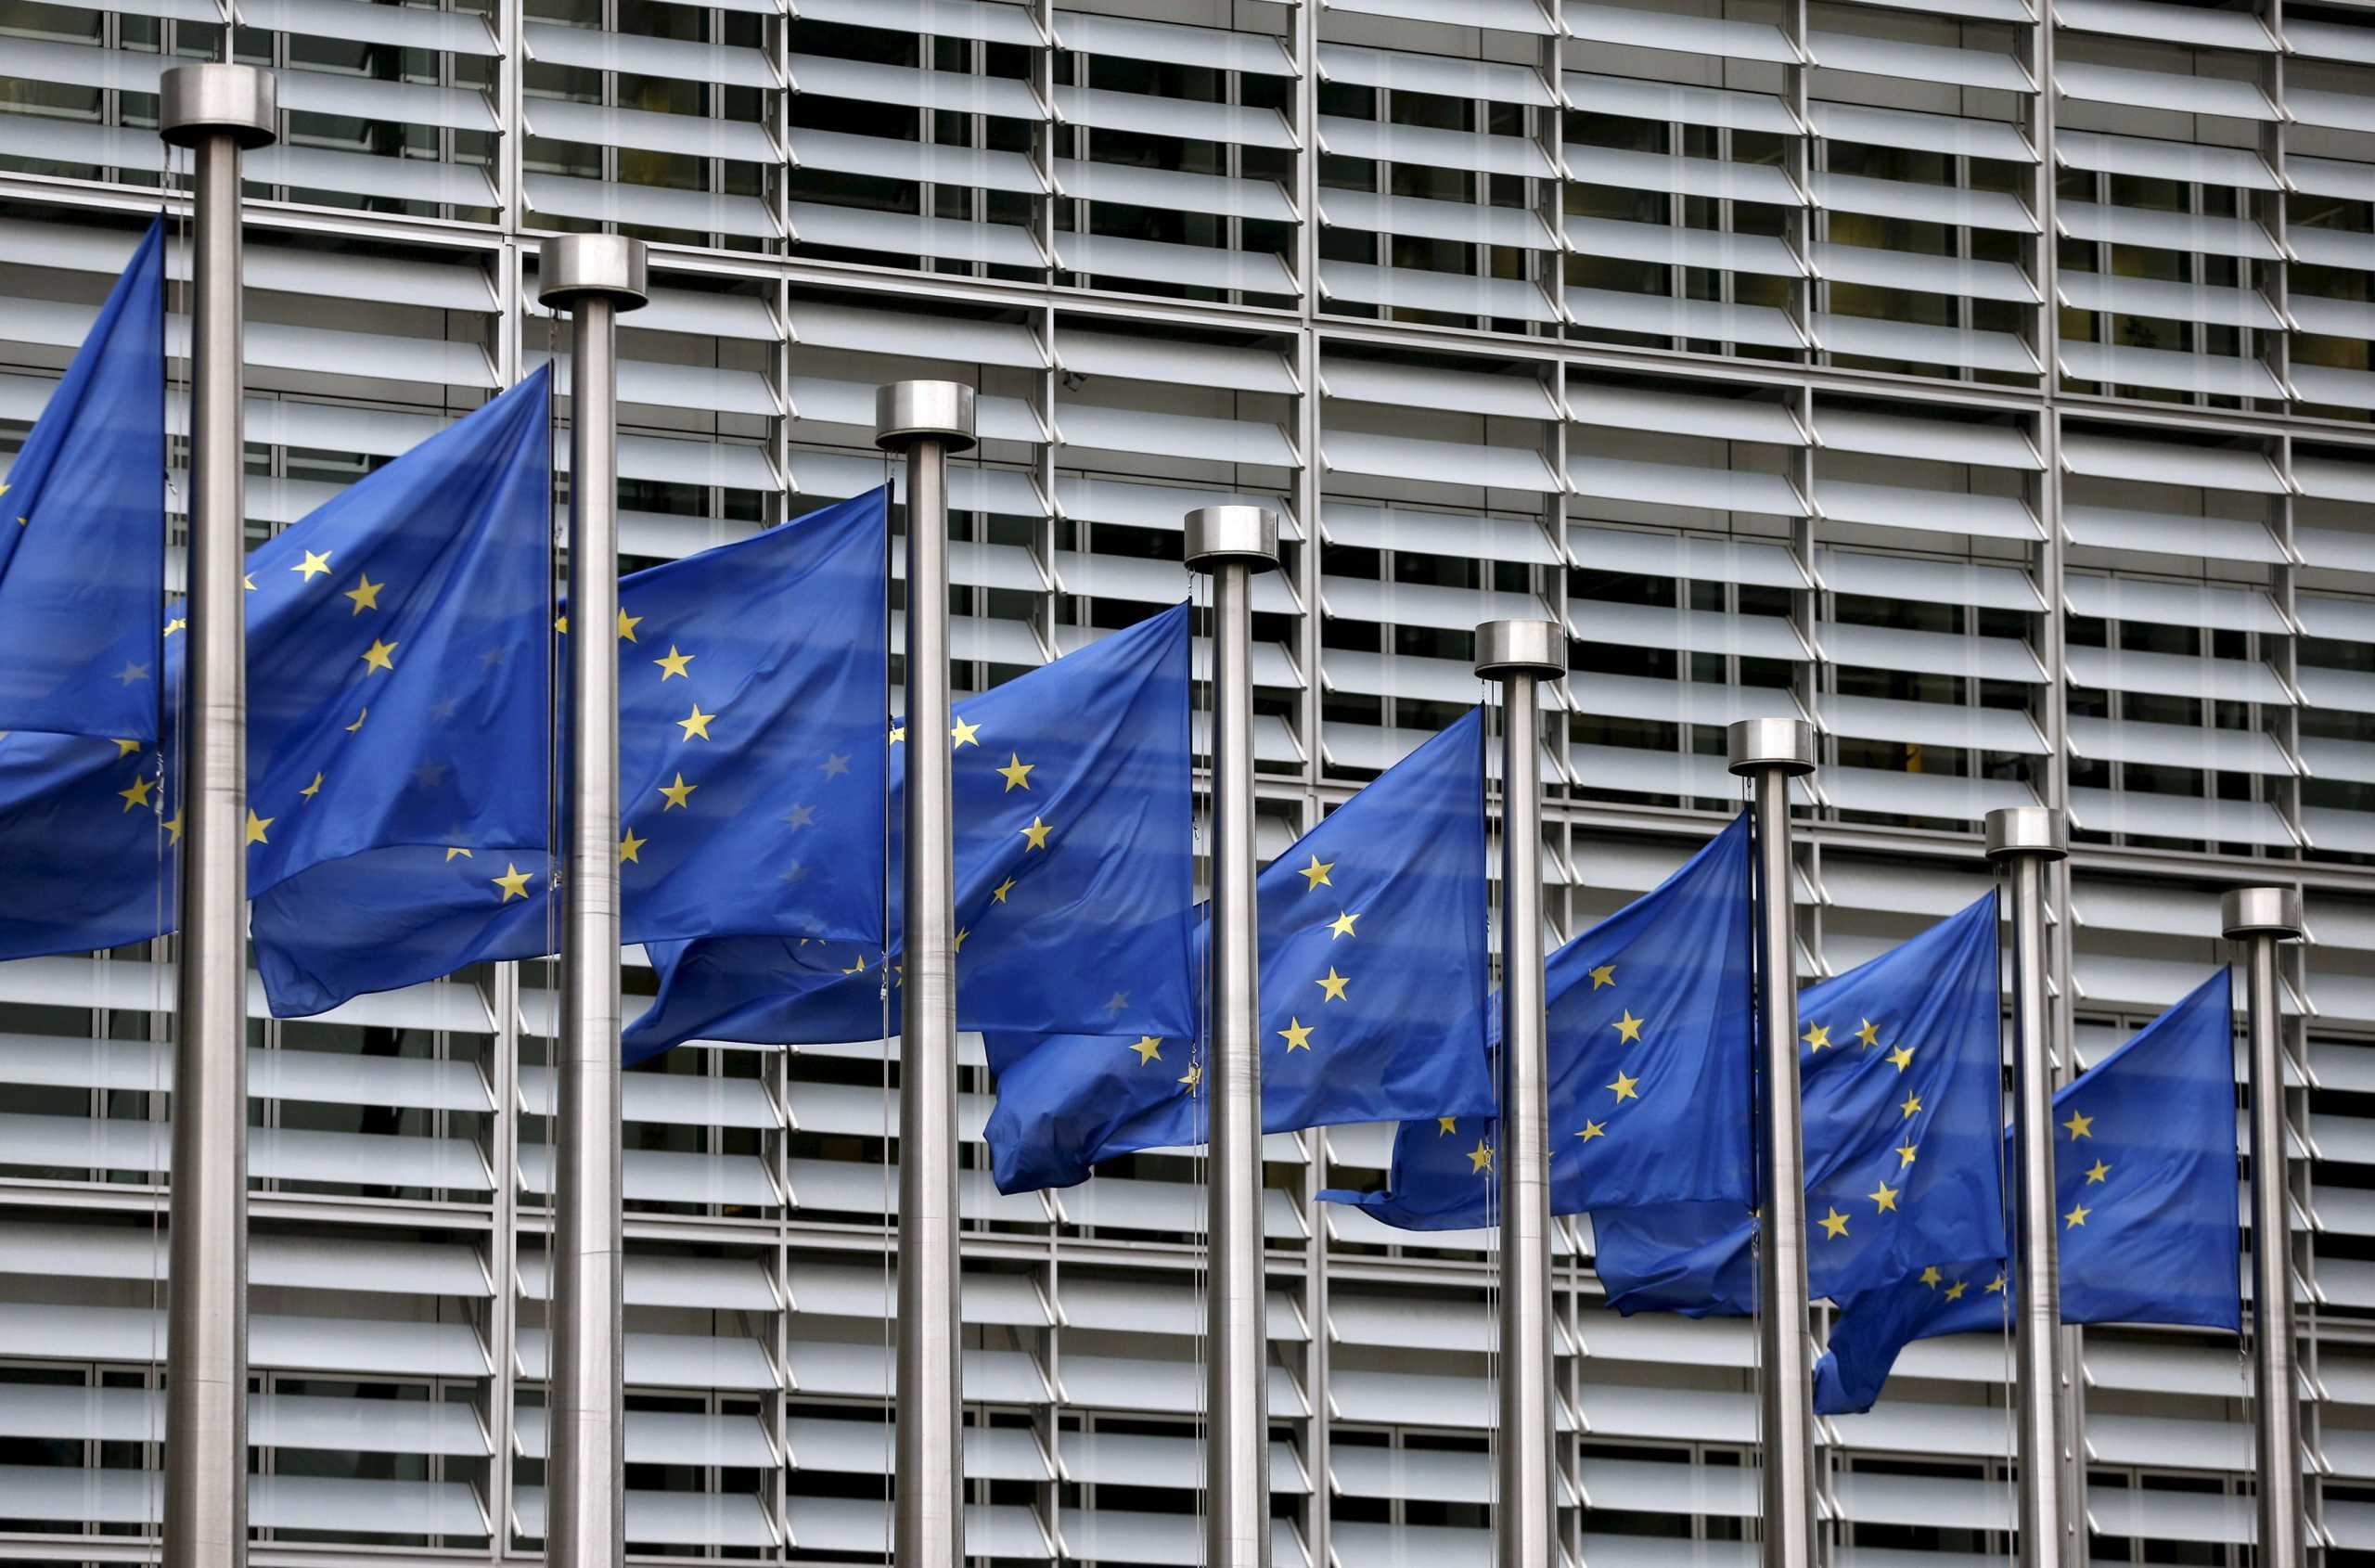 Γάλλος αξιωματούχος: H ΕΕ δεν πρέπει να είναι ο «χρήσιμος ηλίθιος» της πανδημίας